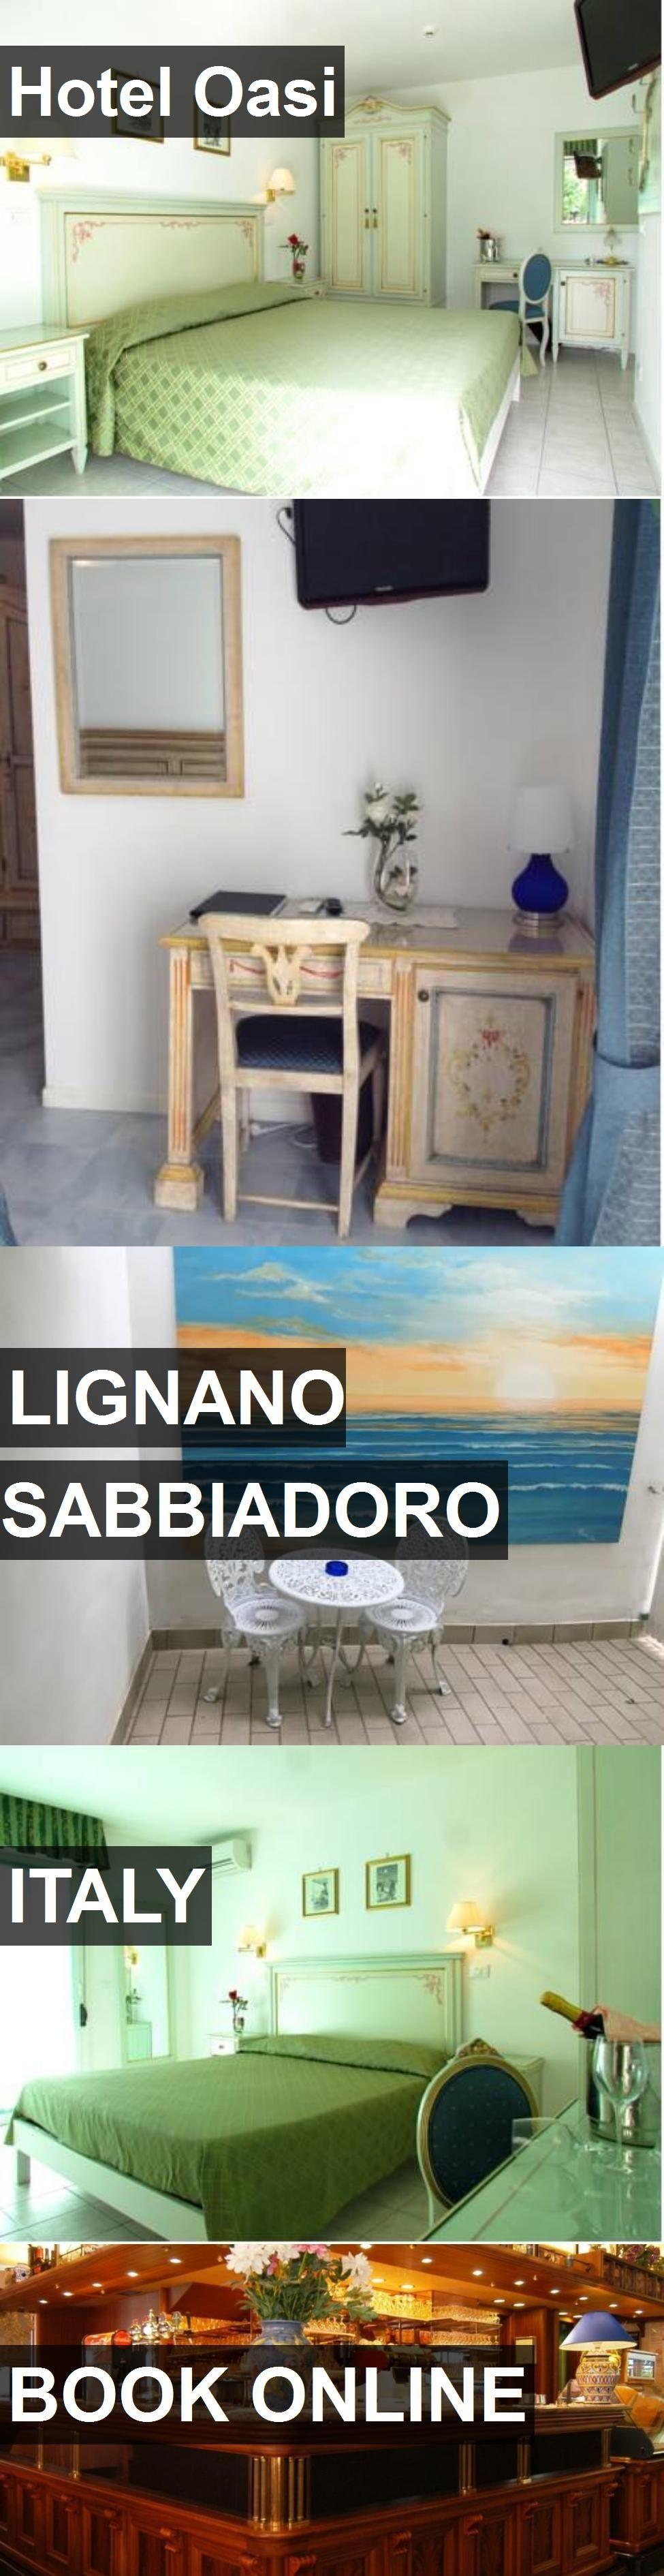 Hotel Oasi in Lignano Sabbiadoro, Italy. For more